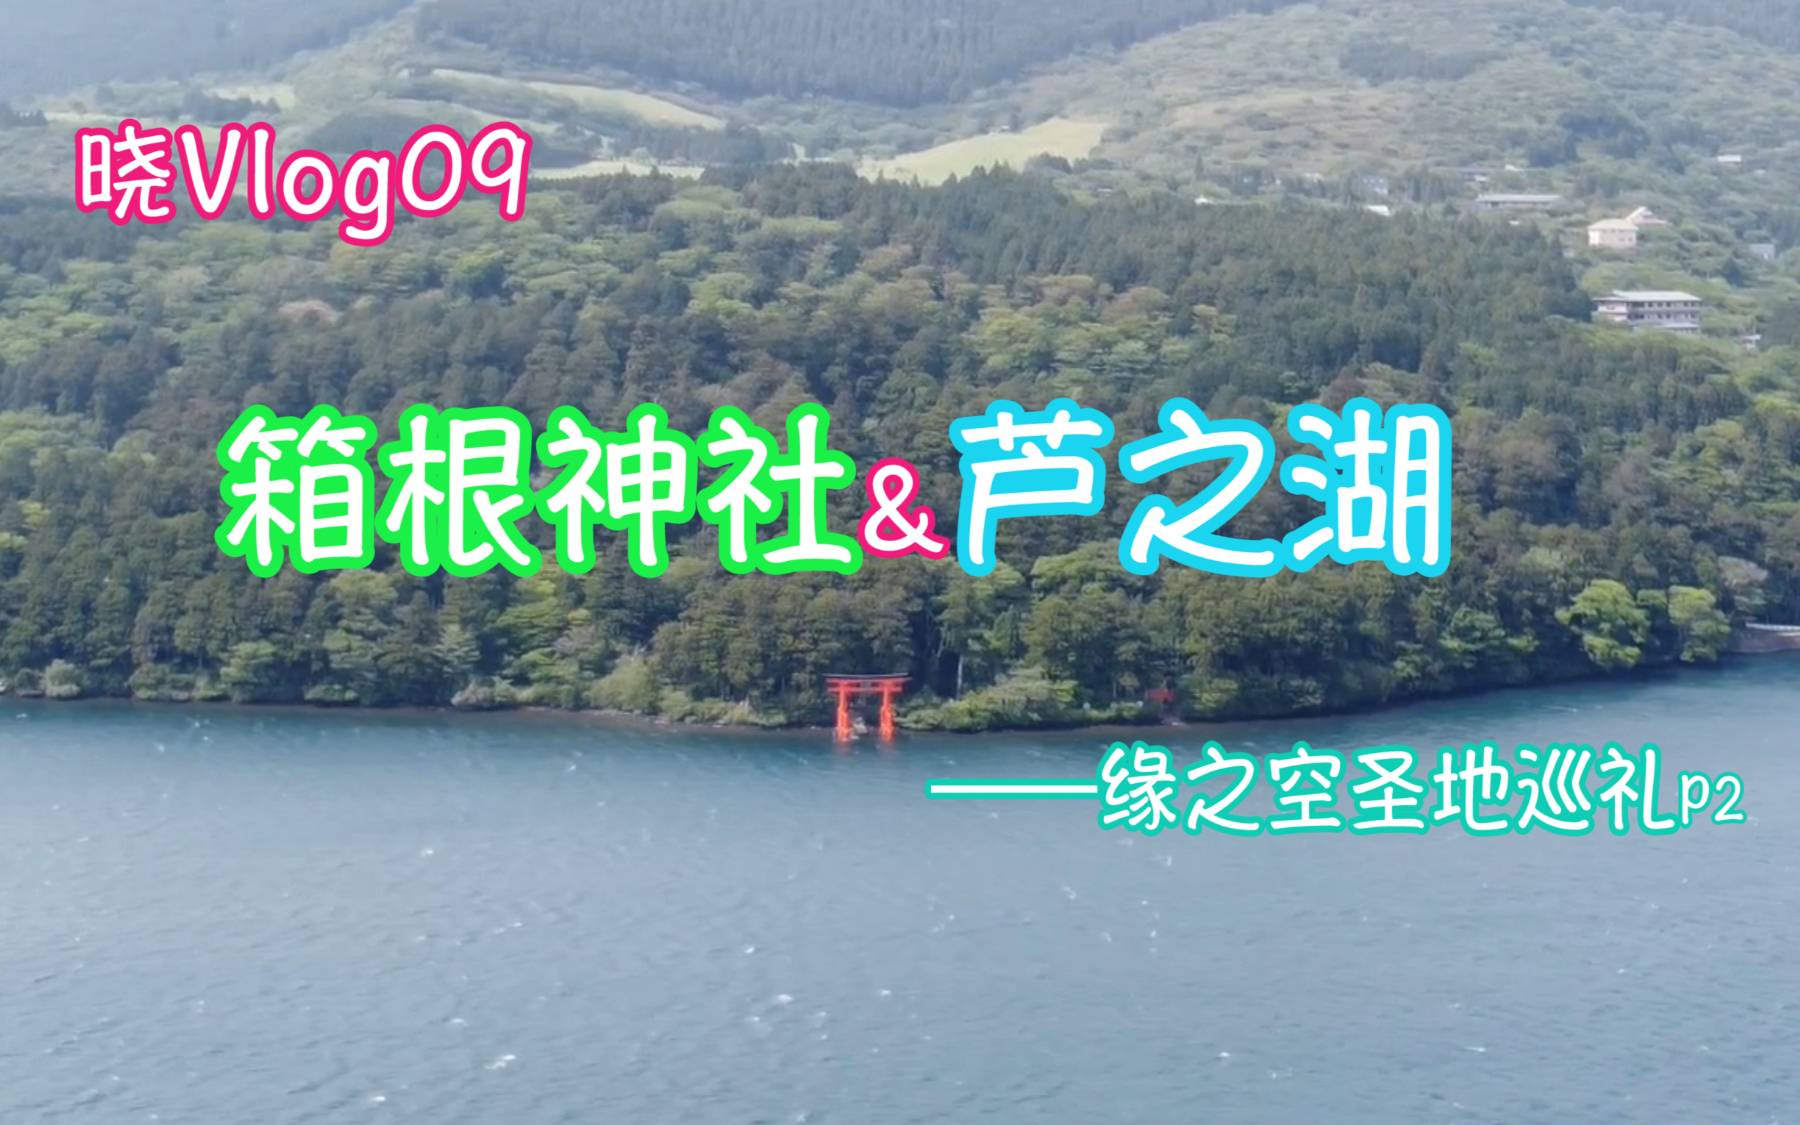 【YOUNG VLOG】箱根神社&芦之湖【晓Vlog09】